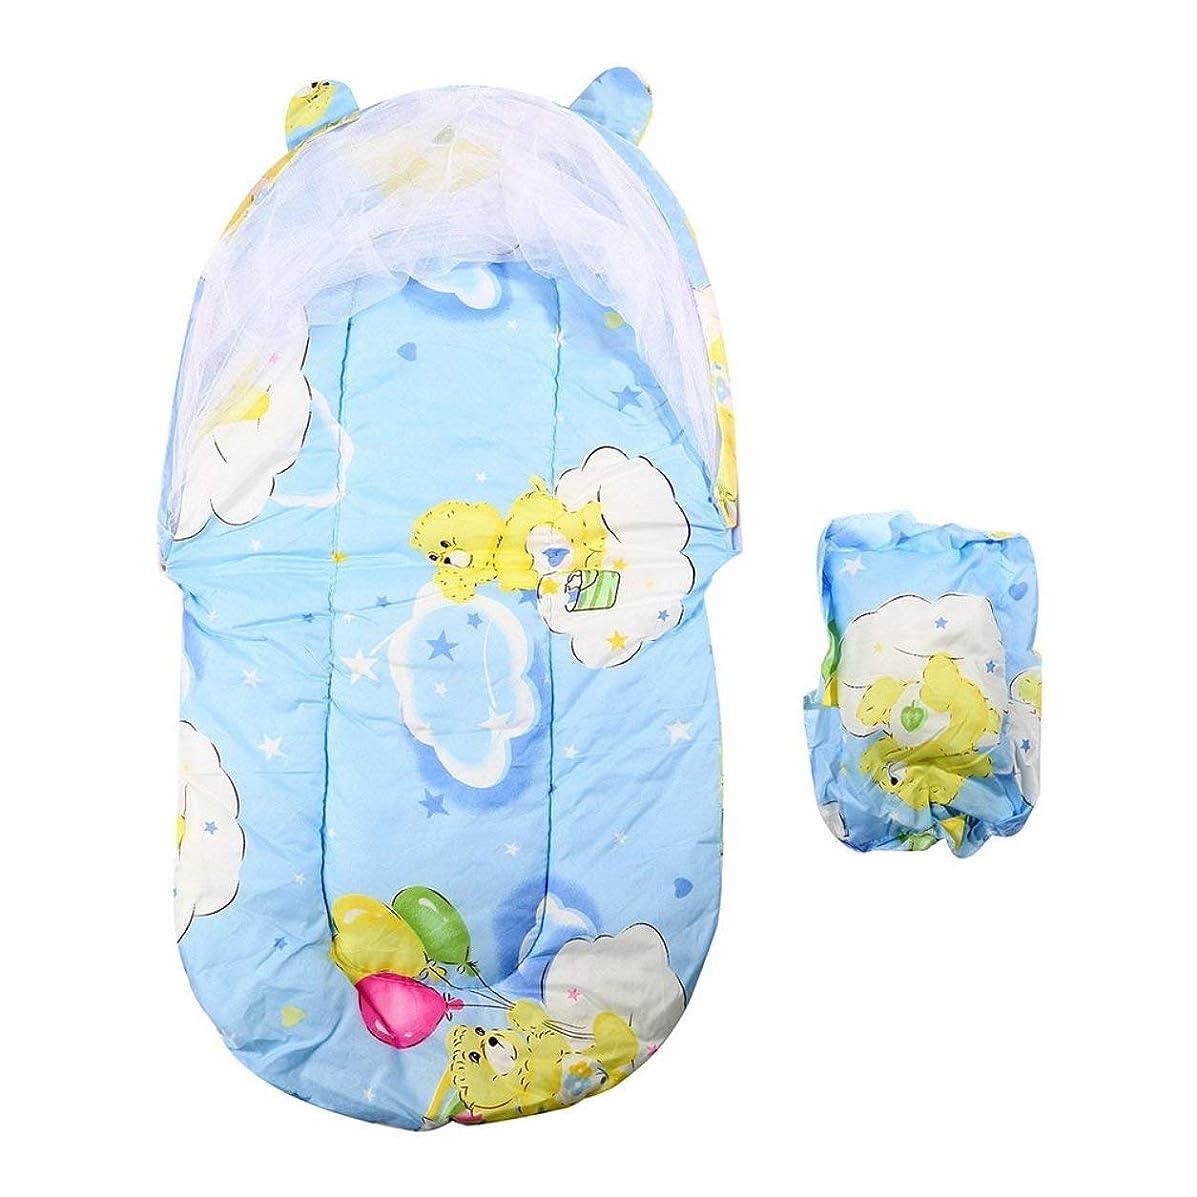 肉腫欲しいです残高Saikogoods 折り畳み式の新しい赤ん坊の綿パッド入りマットレス幼児枕ベッド蚊帳テントはキッズベビーベッドアクセサリーハングドームフロアスタンド 青